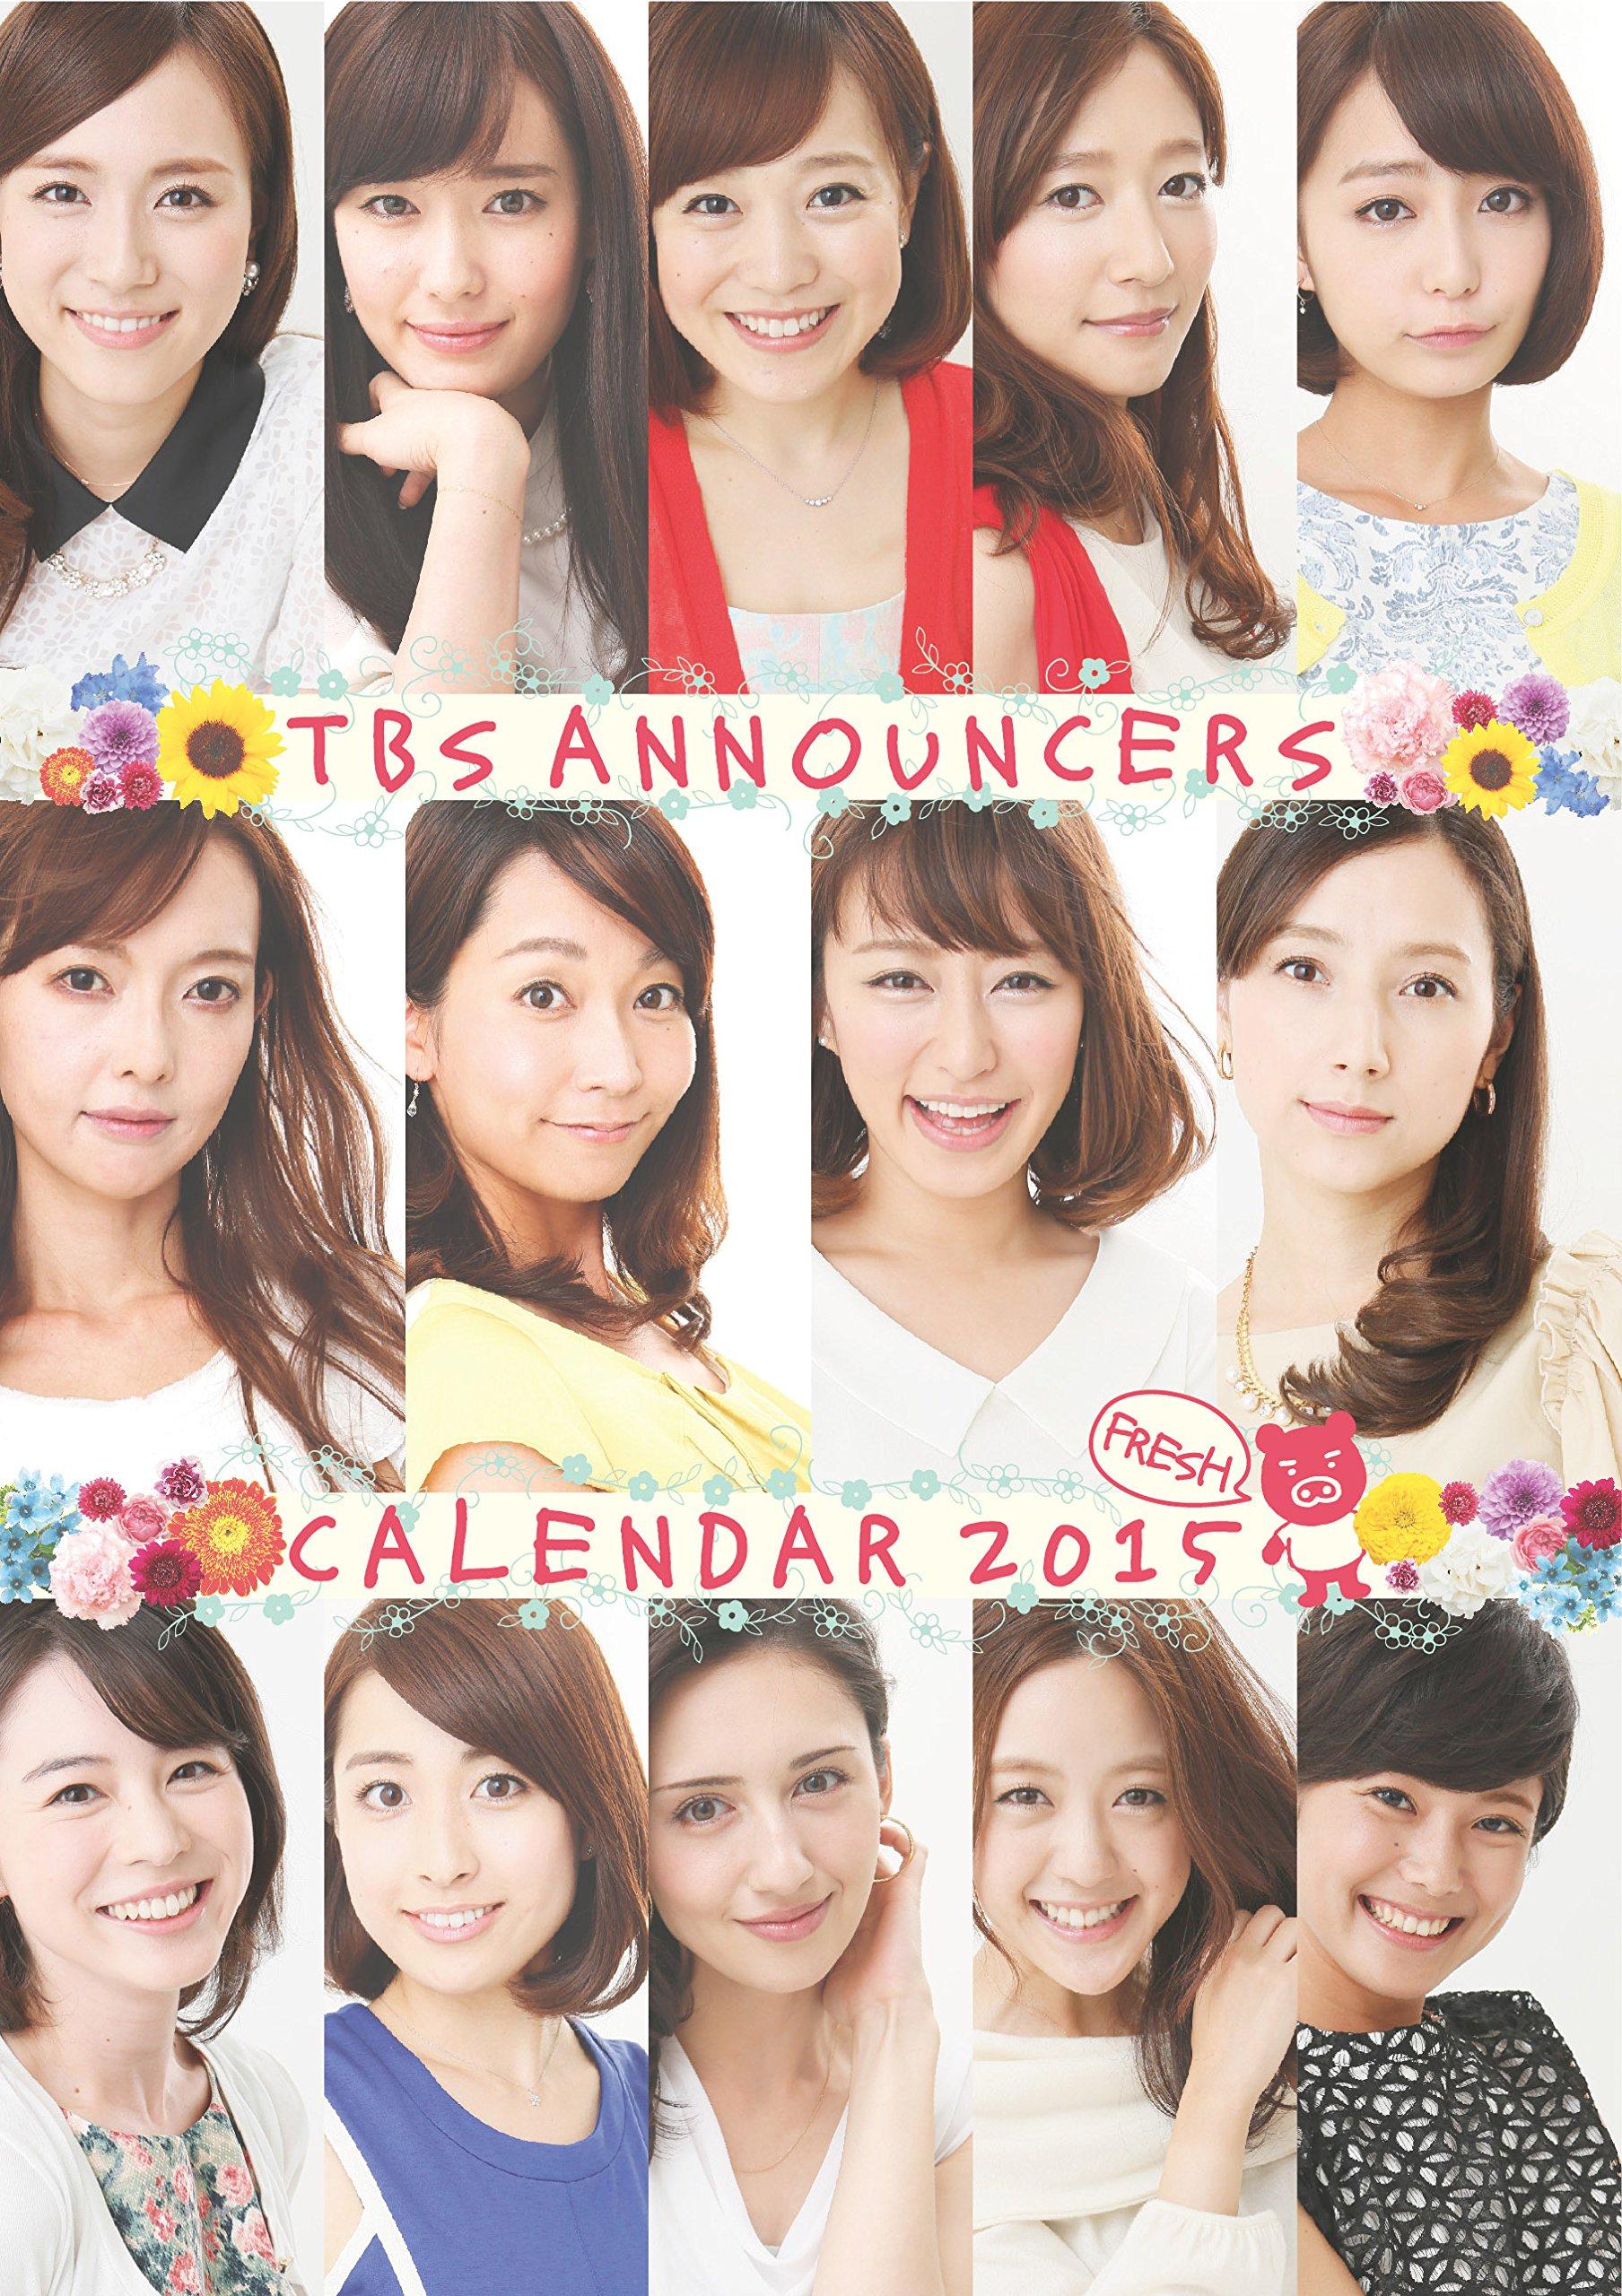 2015カレンダー TBSアナウンサーカレンダー2015 <FRESH>